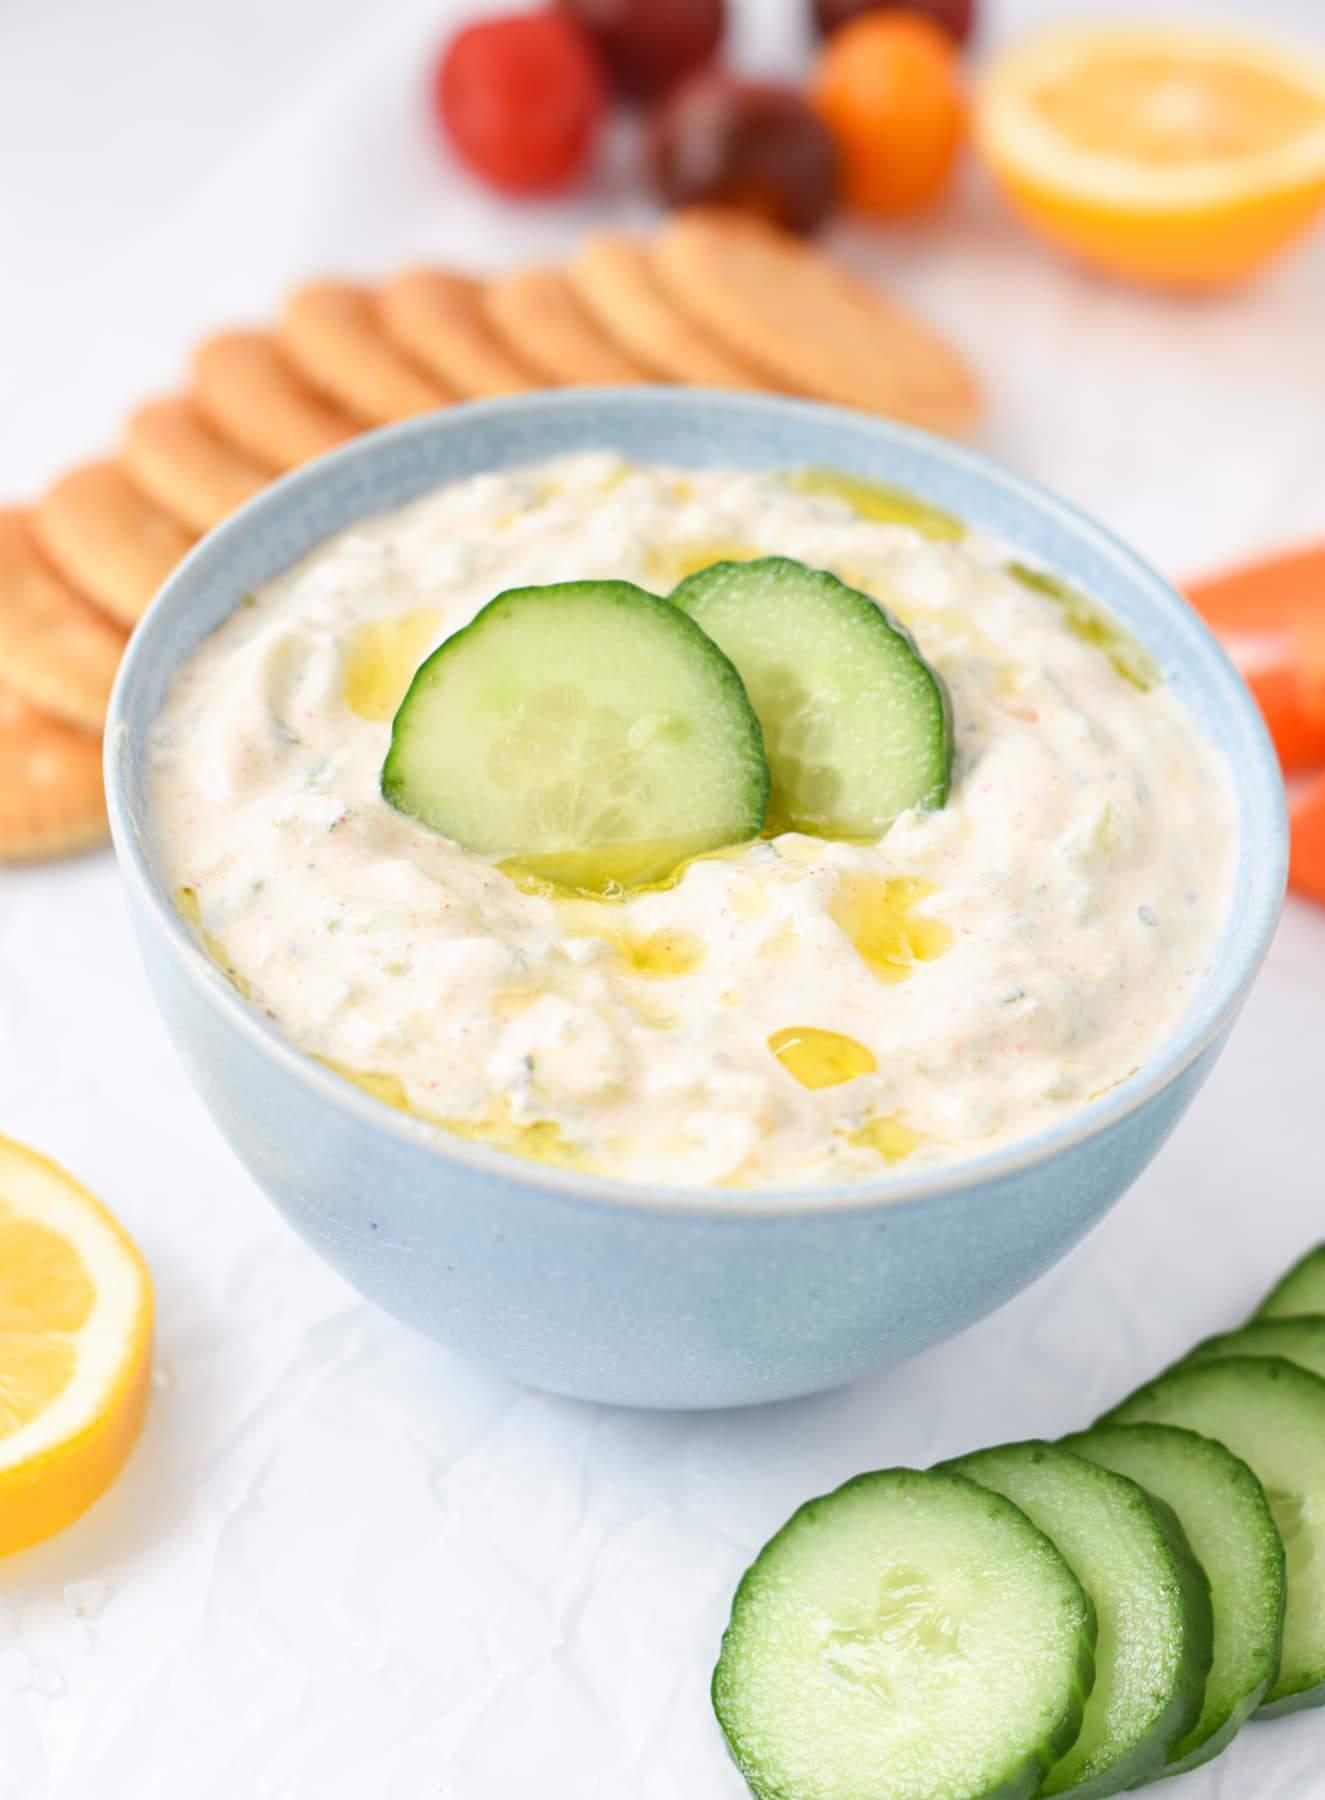 Cucumber Dip Recipe